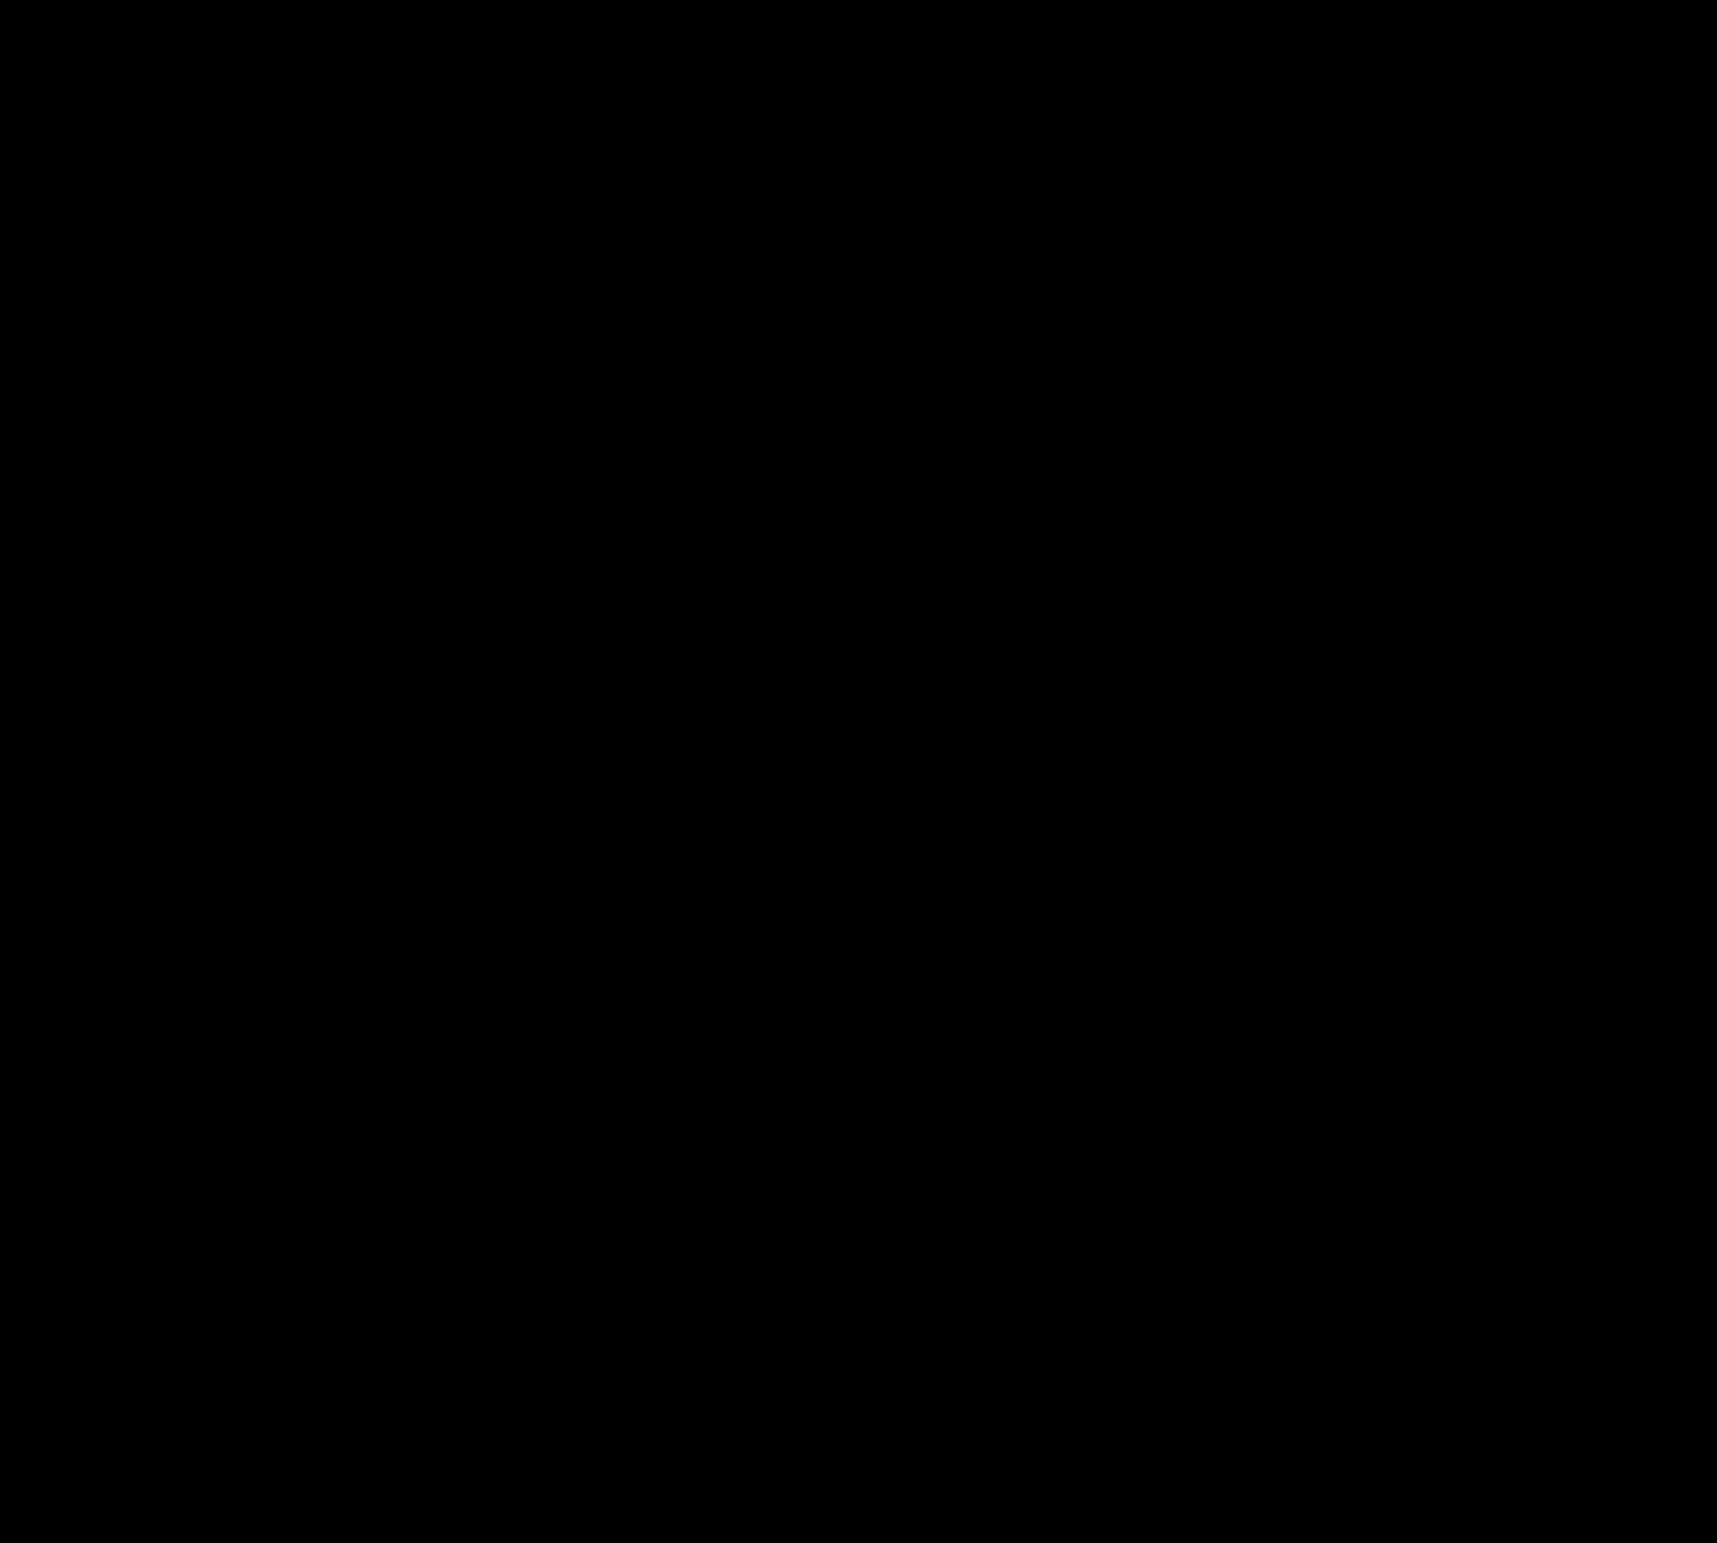 Affine